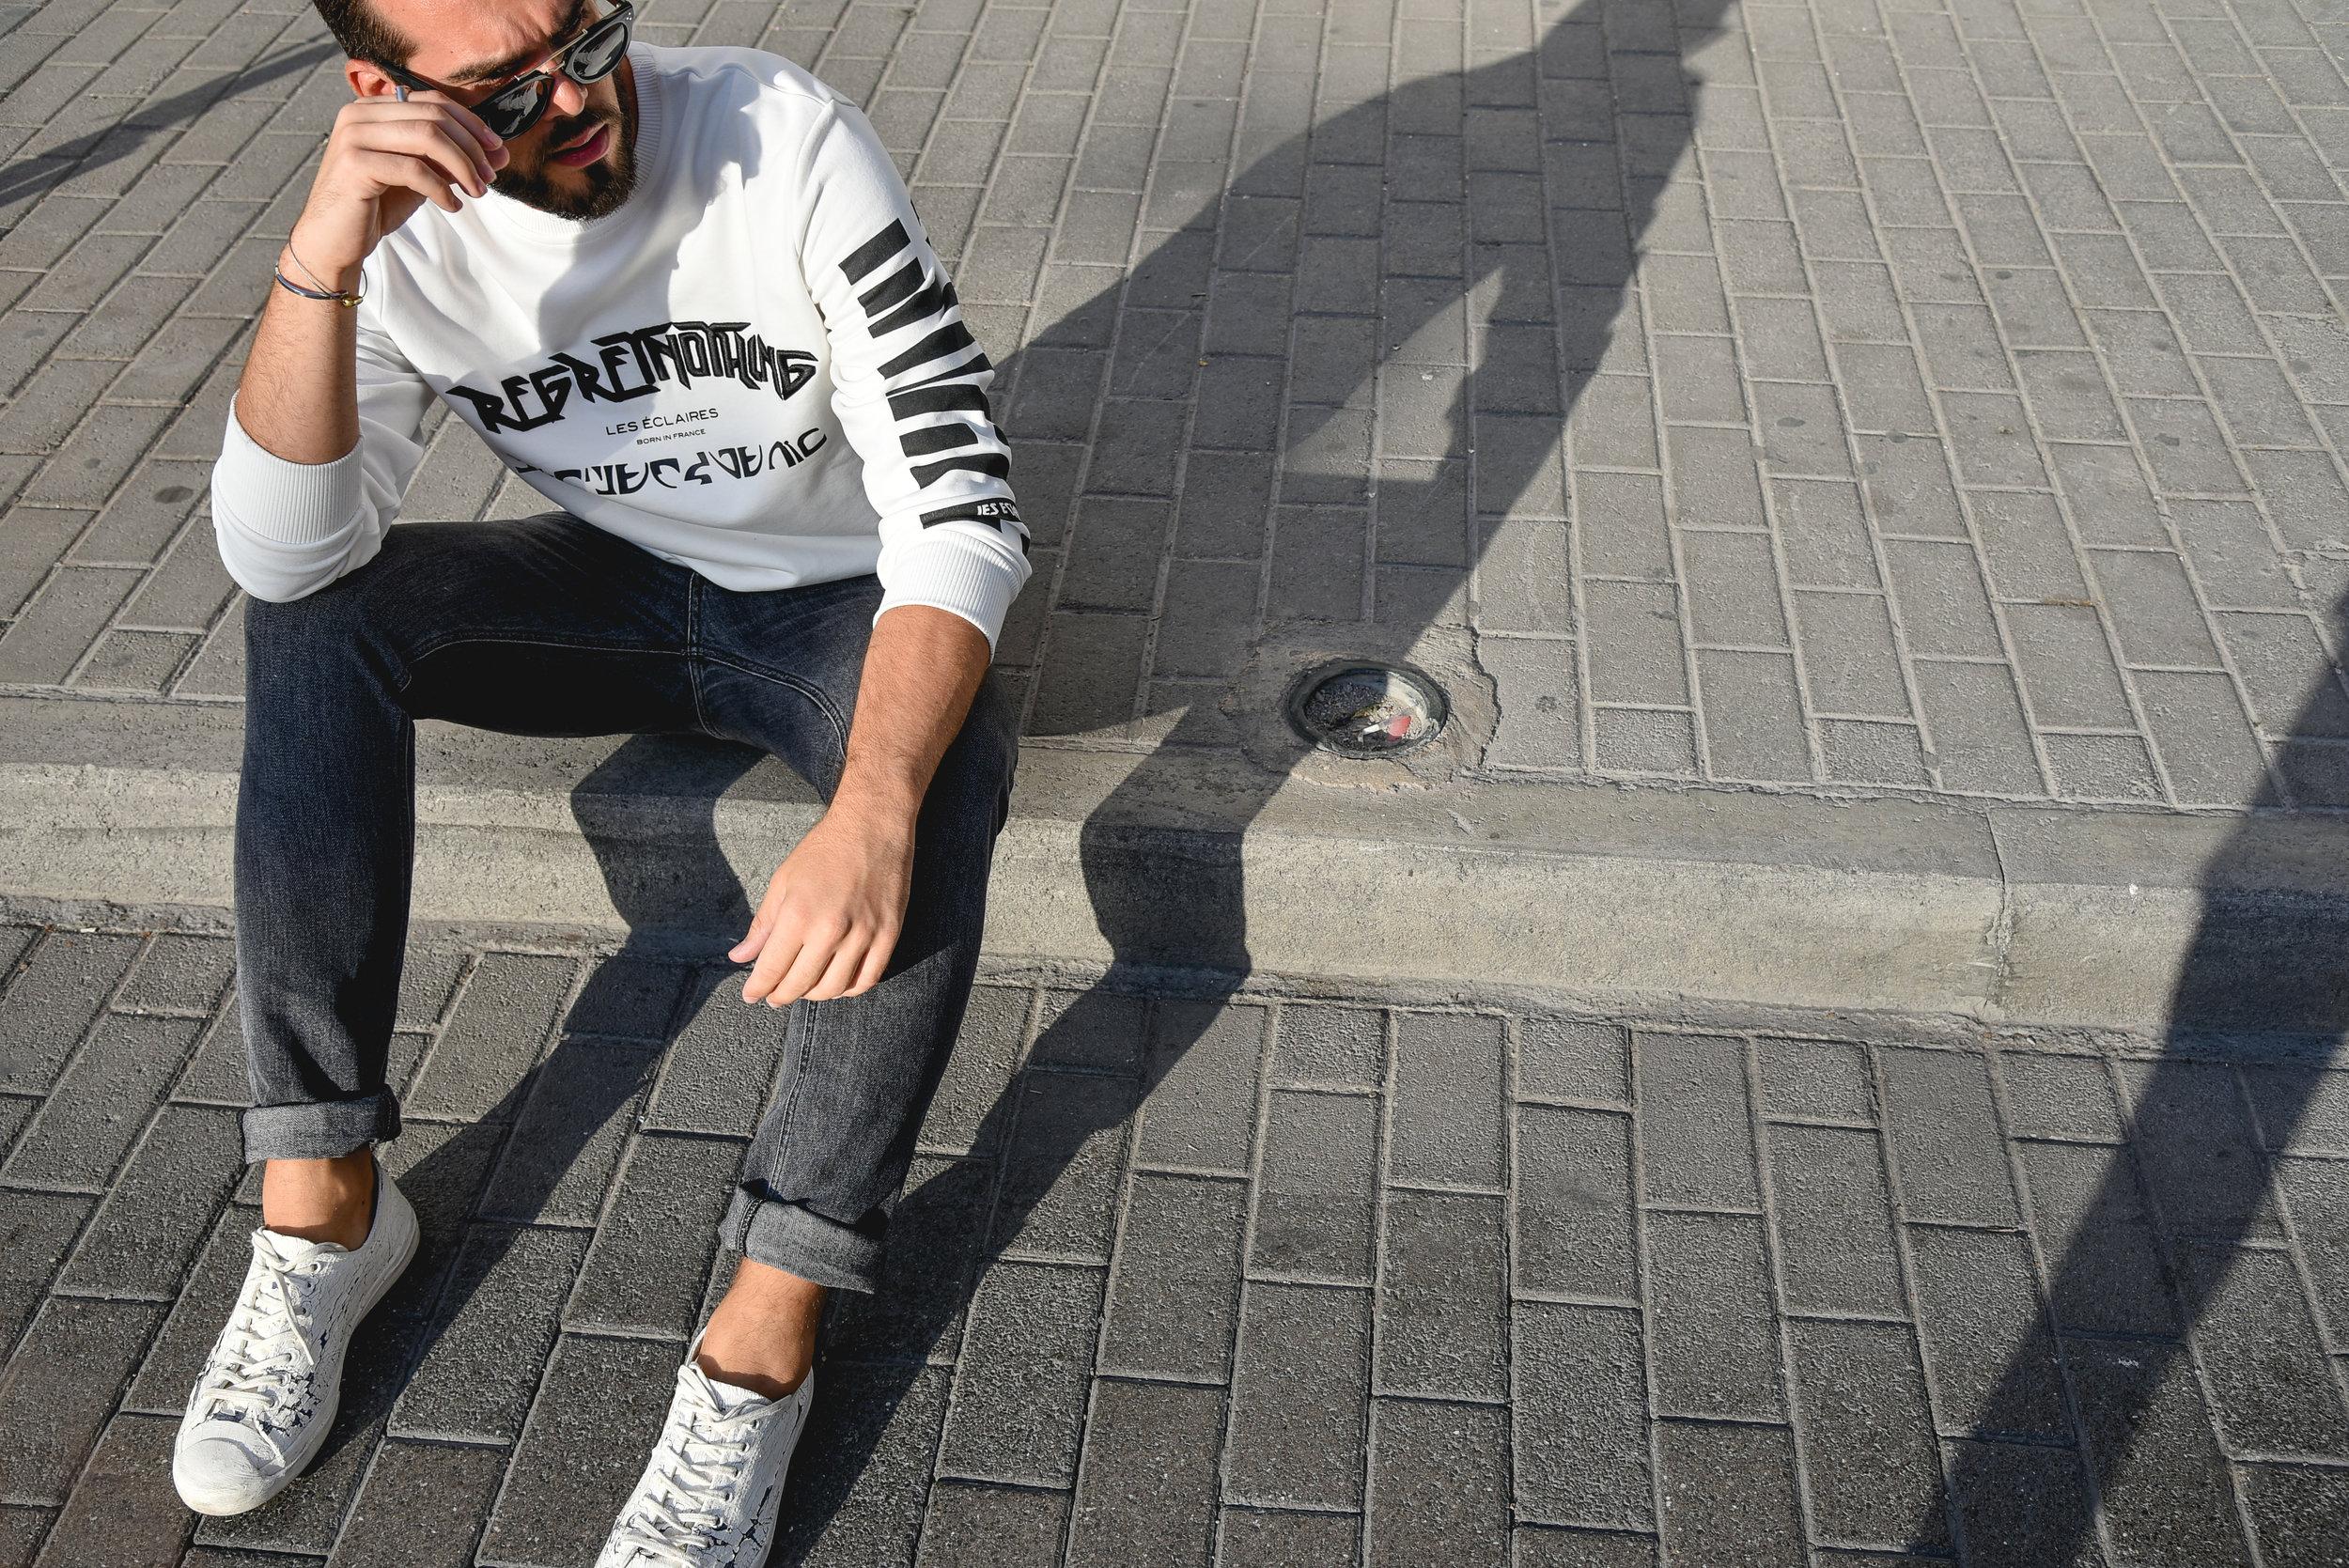 Hoodie: Les Eclaires / Pants: G-Star Raw / Shoes: Converse x Maison Martin Margiela / Sunglasses: Celine